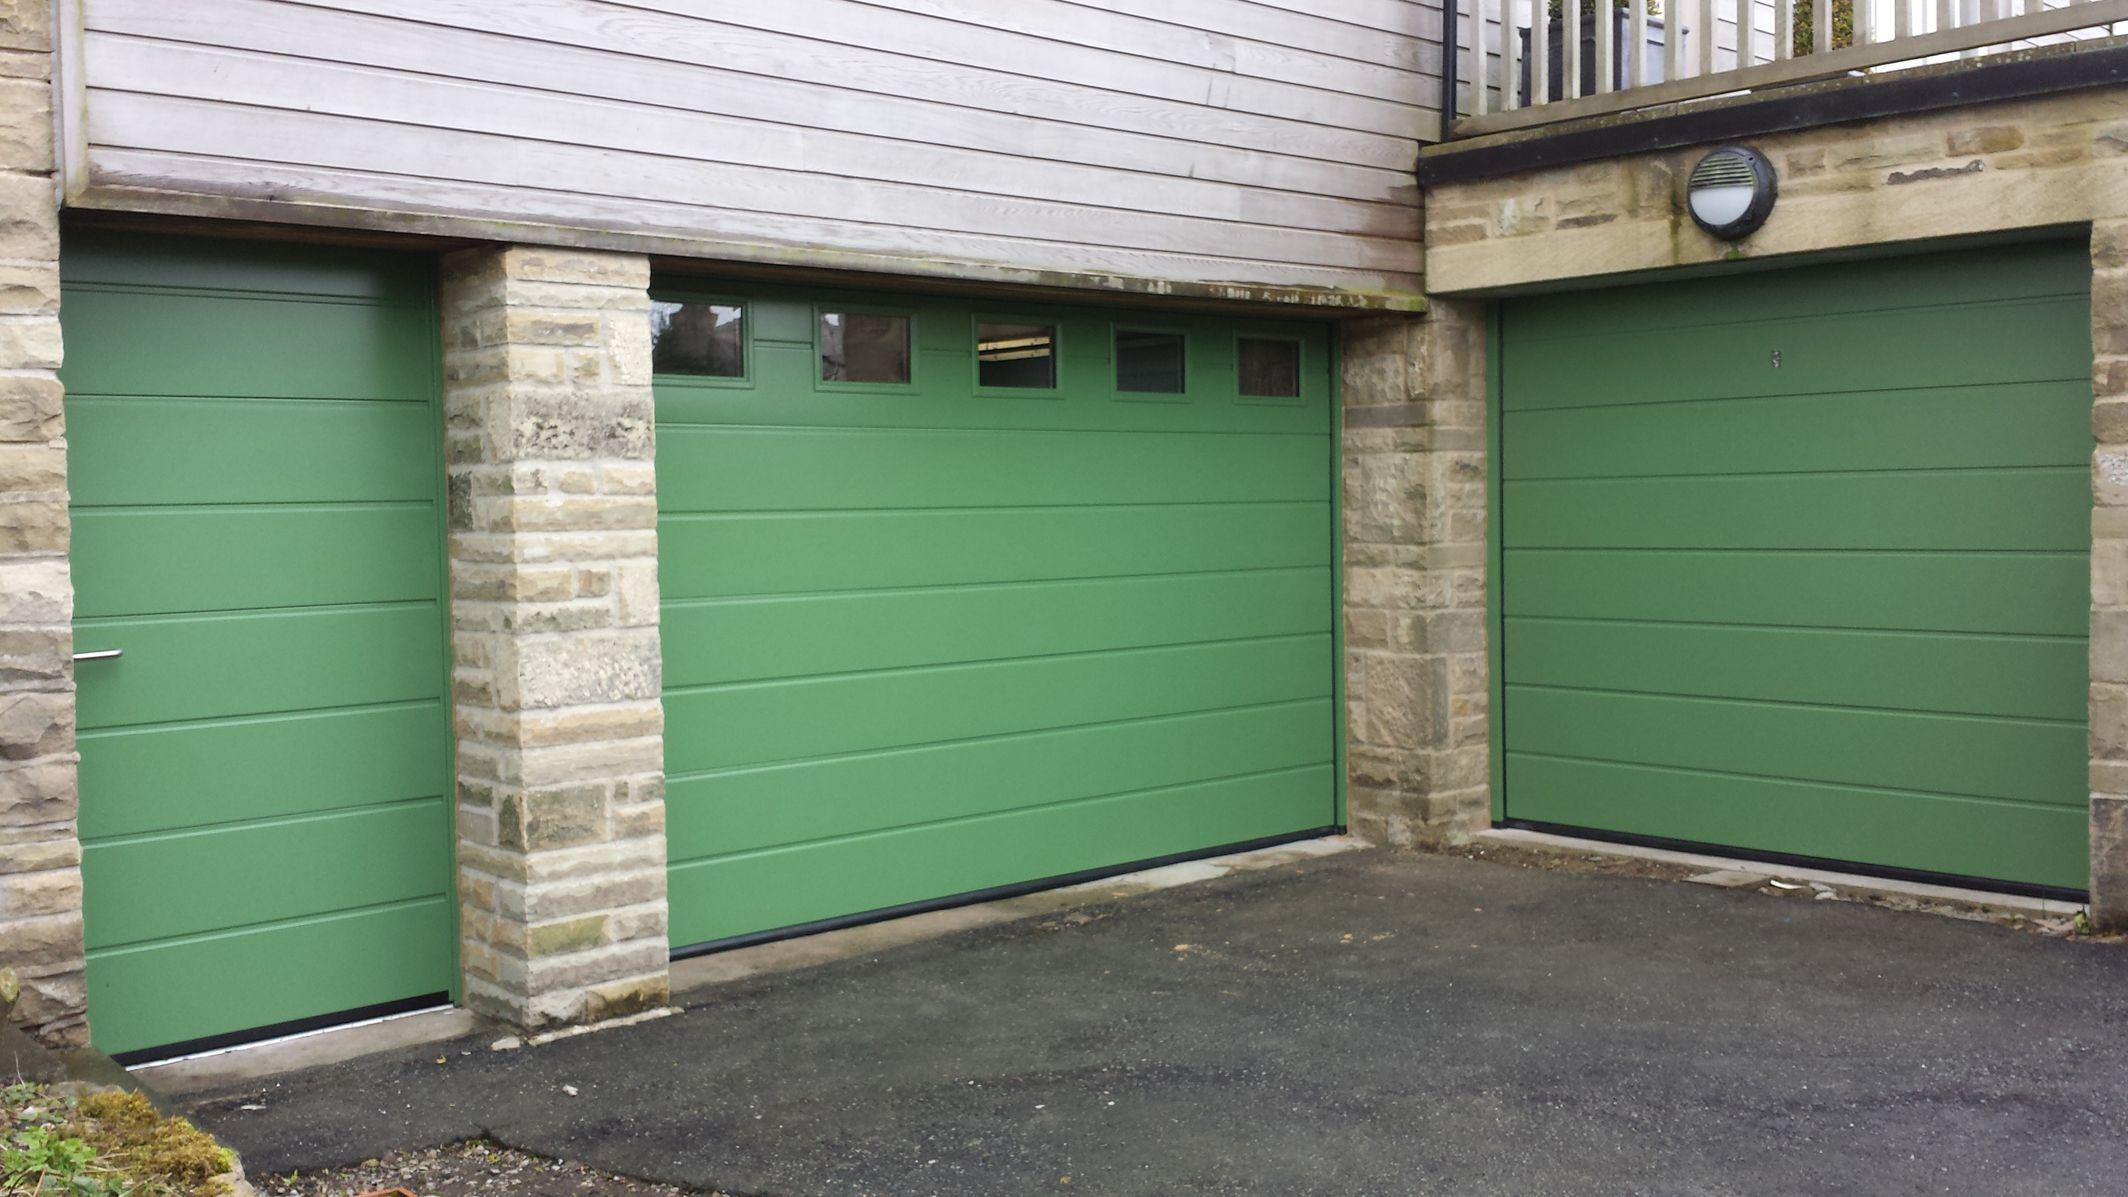 Hormann lpu40 insulated 42mm sectional garage doors in reseda hormann lpu40 insulated 42mm sectional garage doors in reseda green ral 6011 with style s0 windows rubansaba